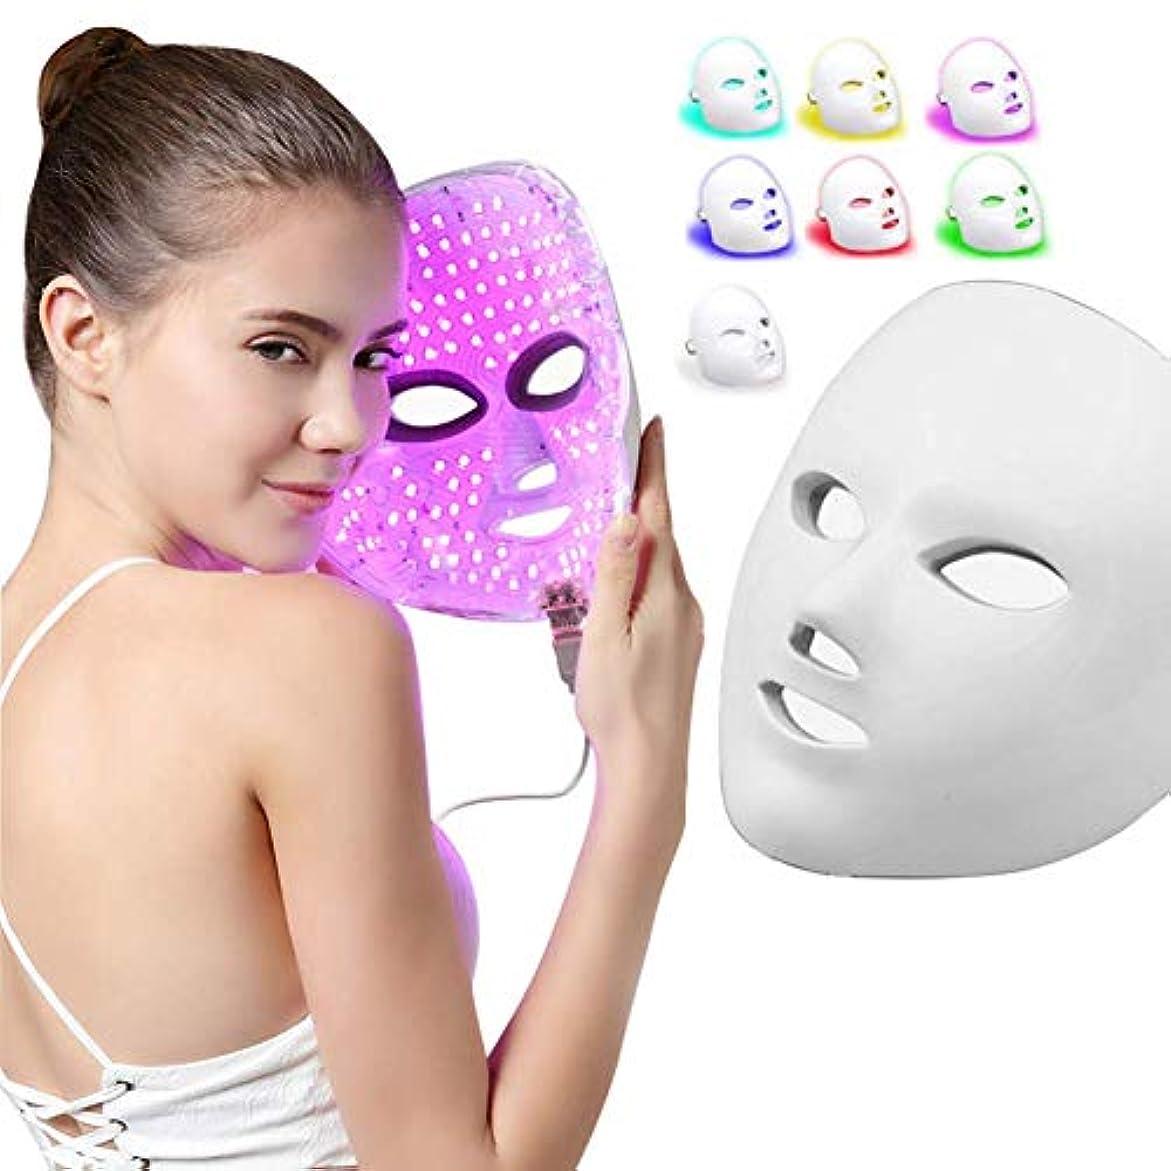 確保する収まる処方ライトセラピーマスク、7色フォトンフェイスマスクマシンマスクビューティープロアクティブスキンケアアンチエイジングファーミングスキン改善ファインライン